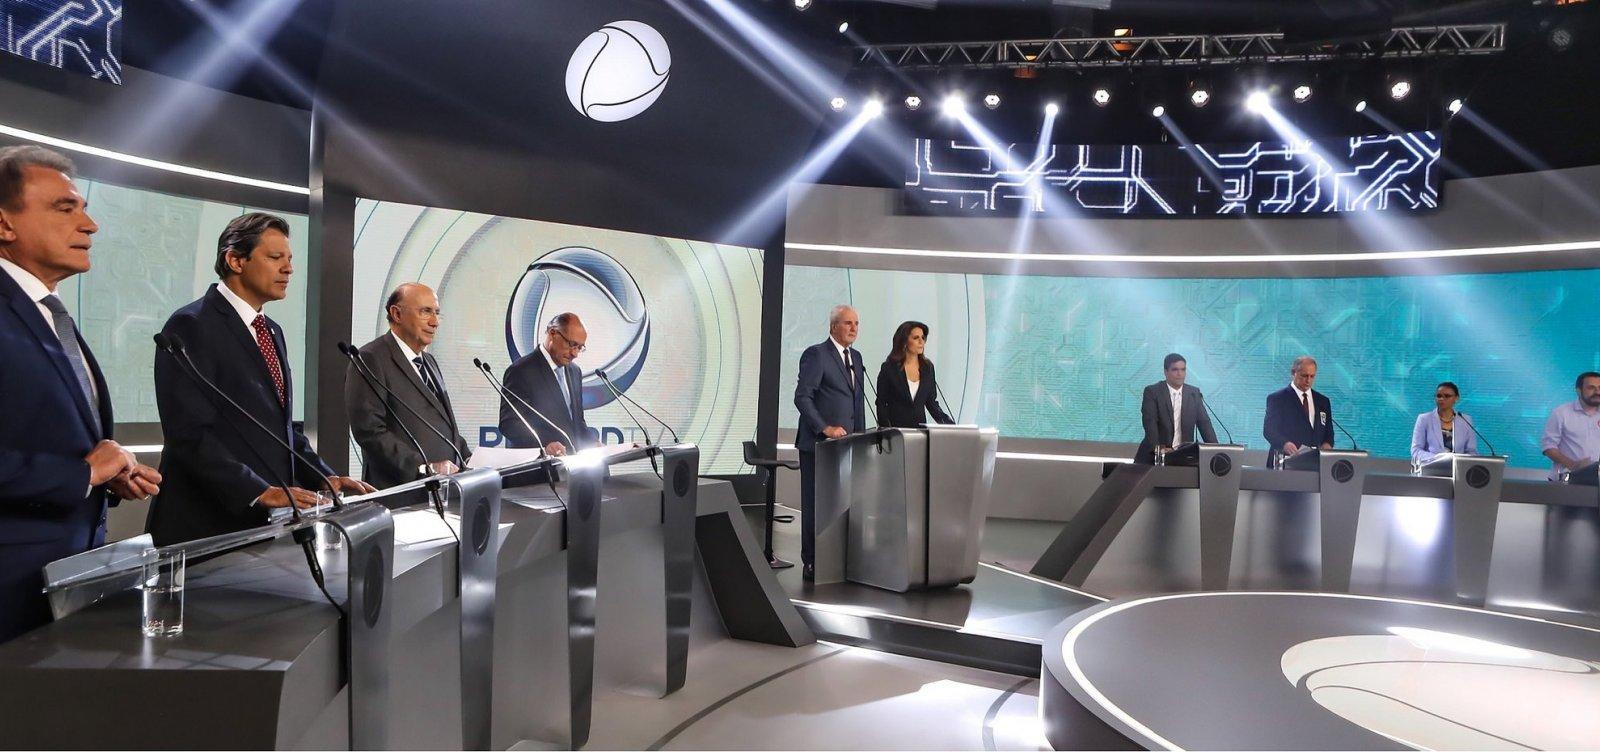 Datafolha aponta Bolsonaro com 35% e Haddad com 22%